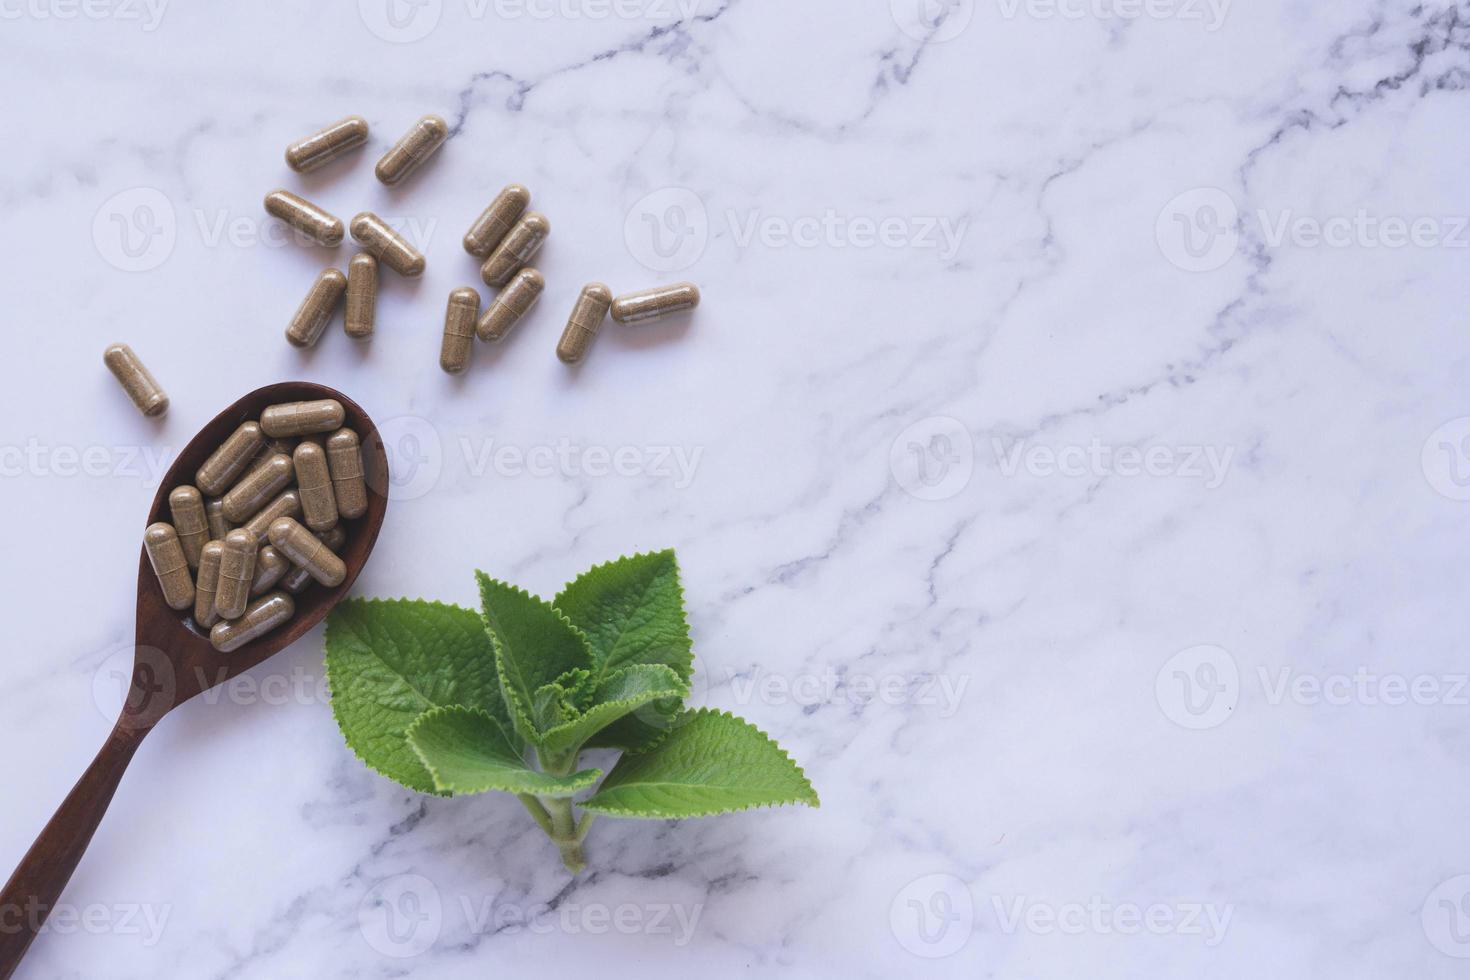 Medicina herbaria en cápsulas de mármol blanco. foto